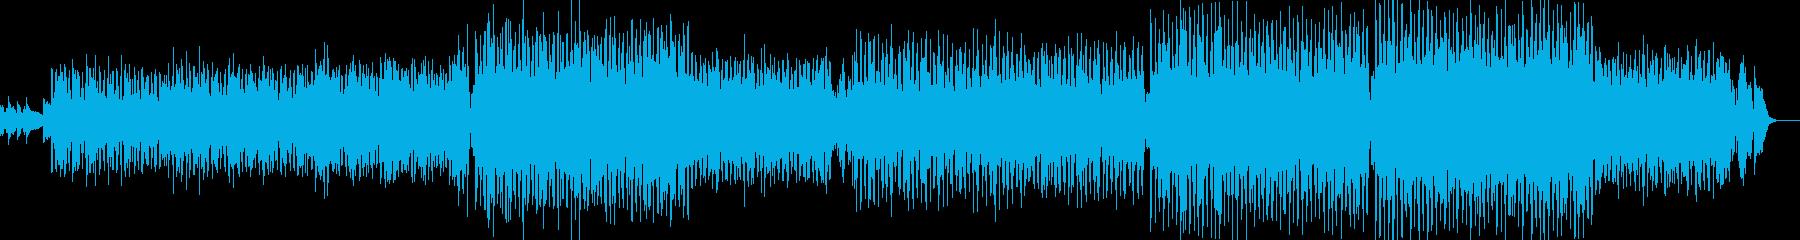 気持ちが湧き立つボサノバ寄りのサンバの再生済みの波形